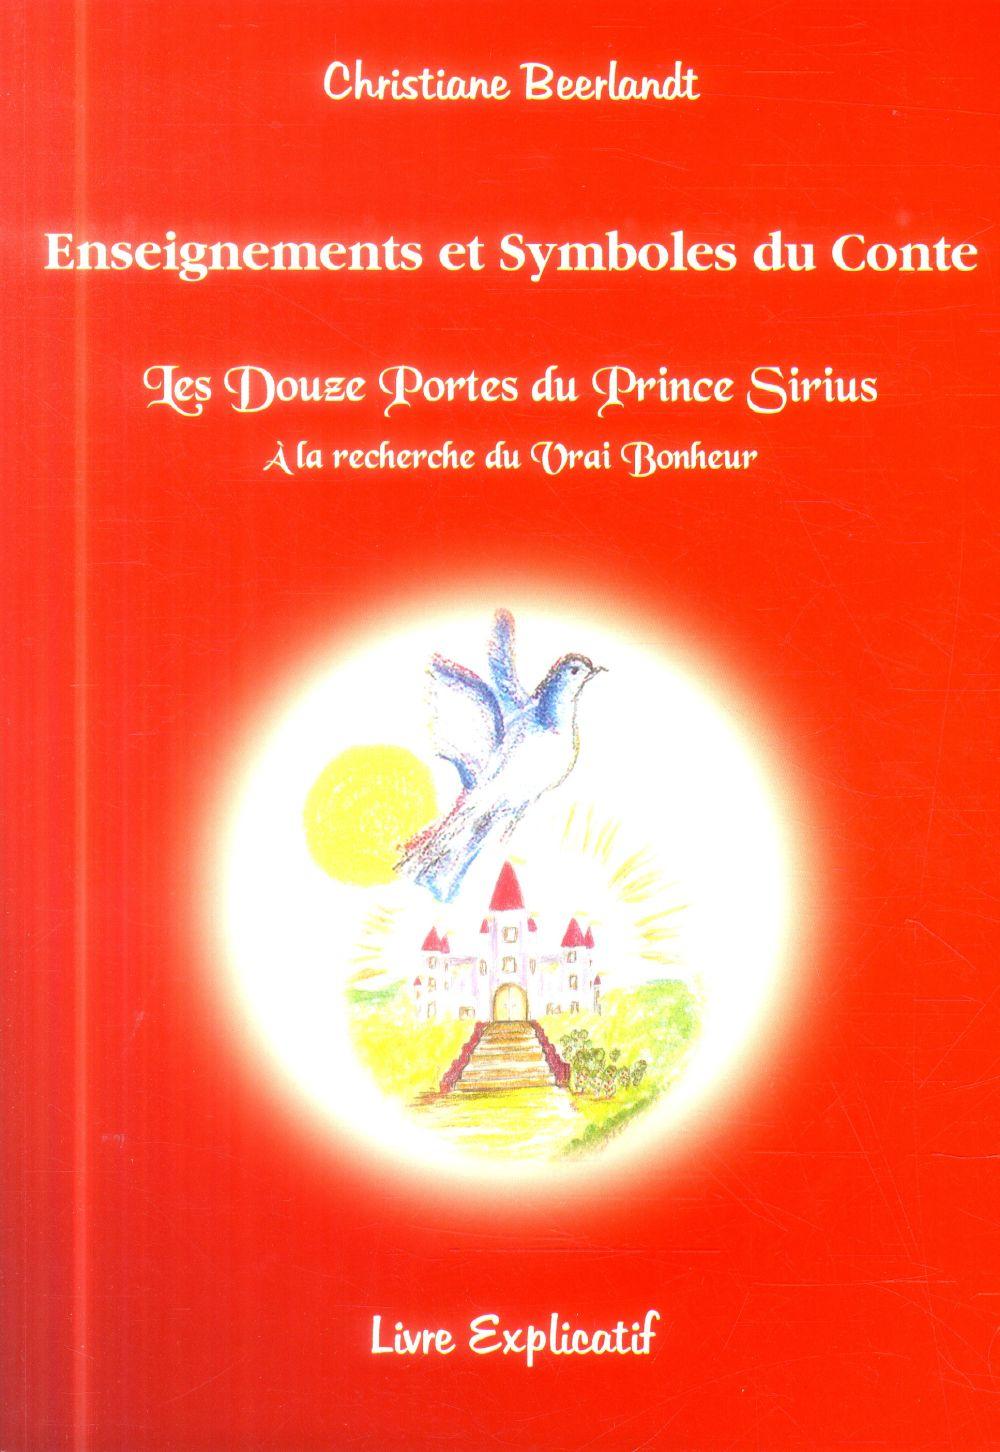 Enseignements et symboles du conte ; les douze portes du prince Sirius ; à la recherche du vrai bonheur